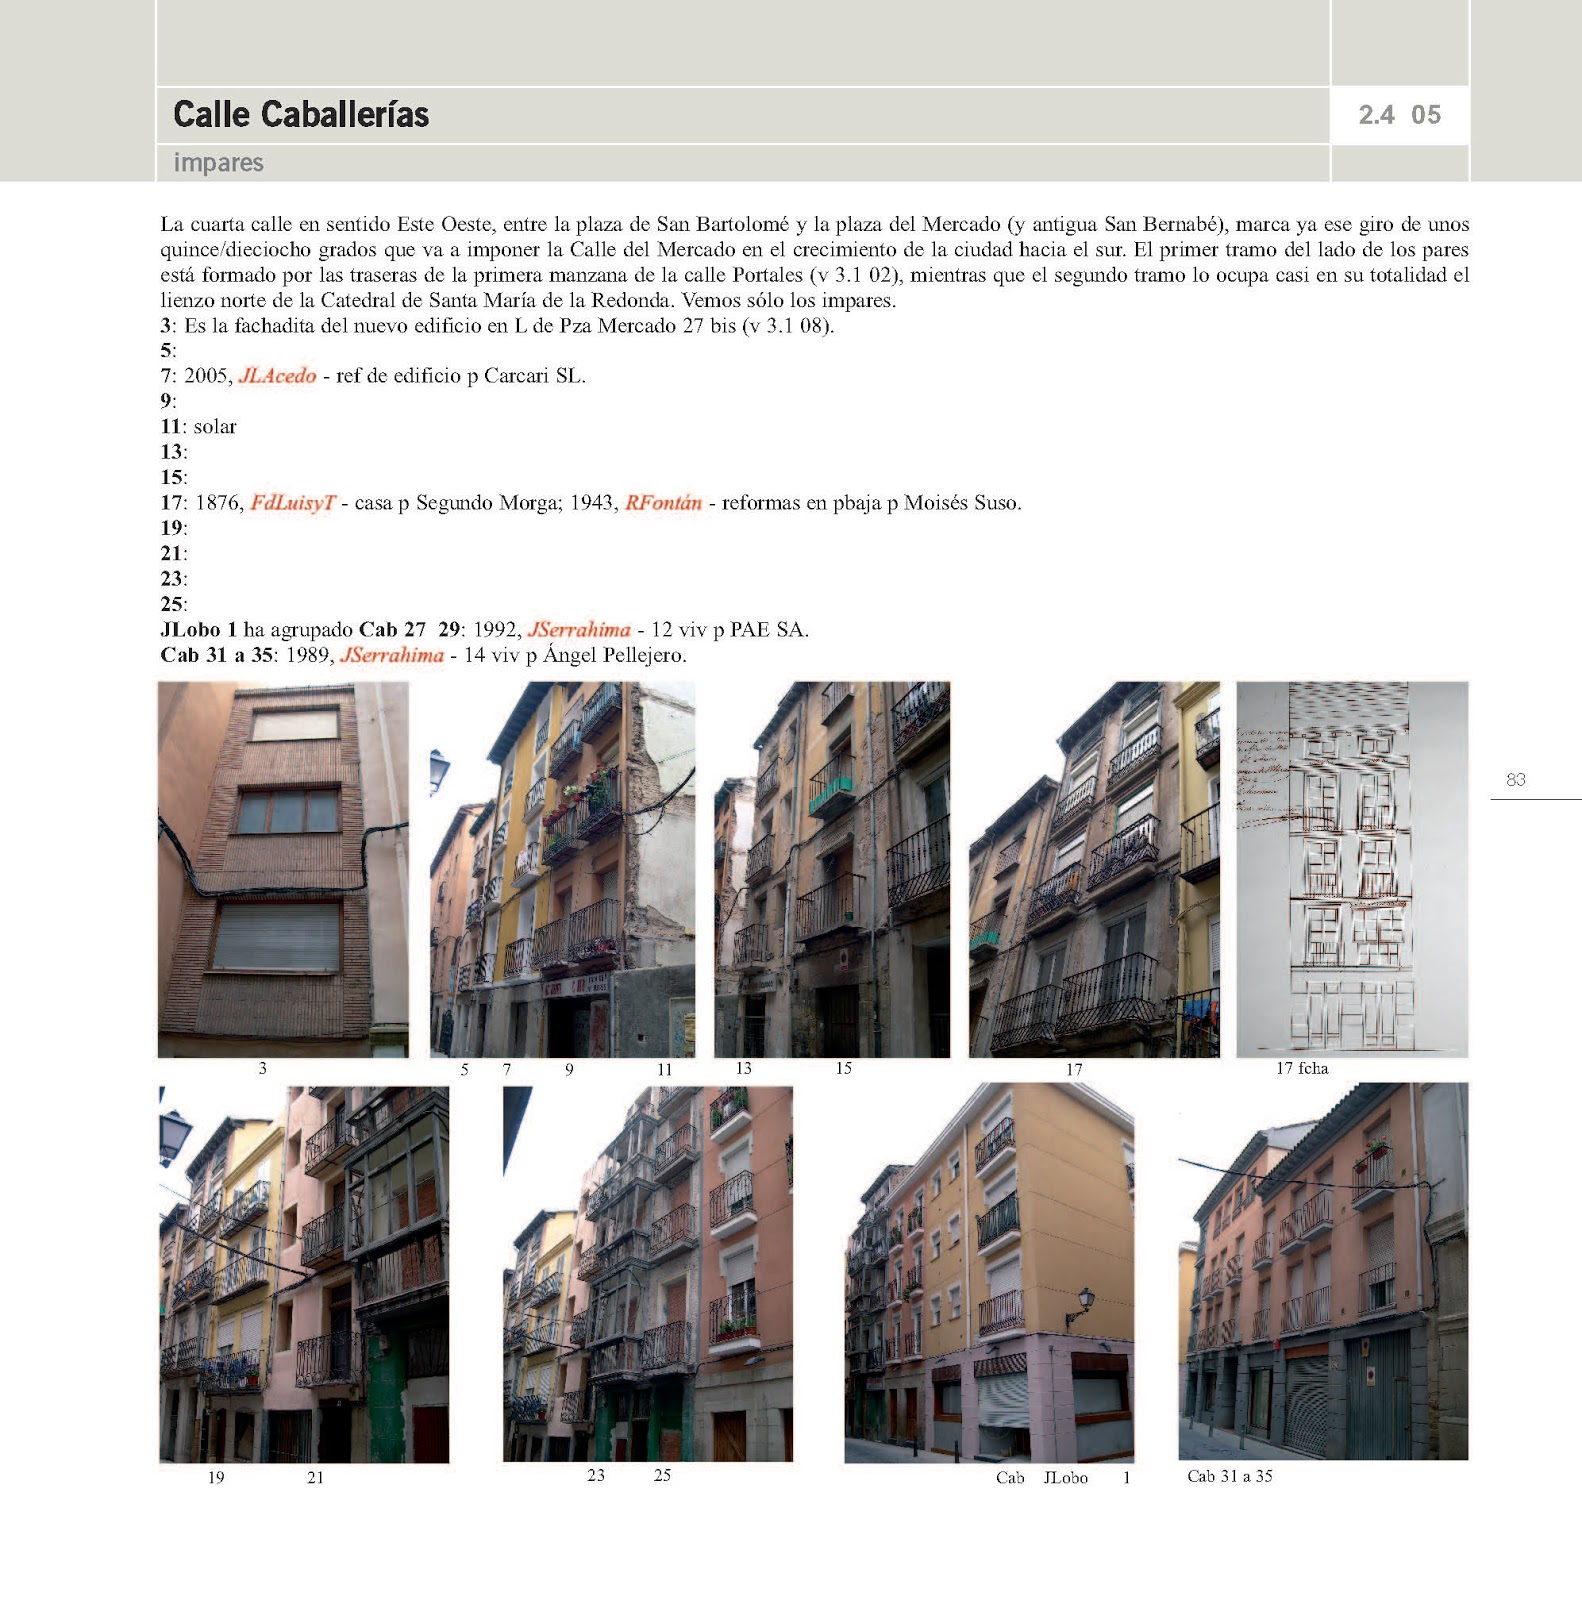 Guia De Arquitectura De Logro O Paginas 2 4 05 Calle